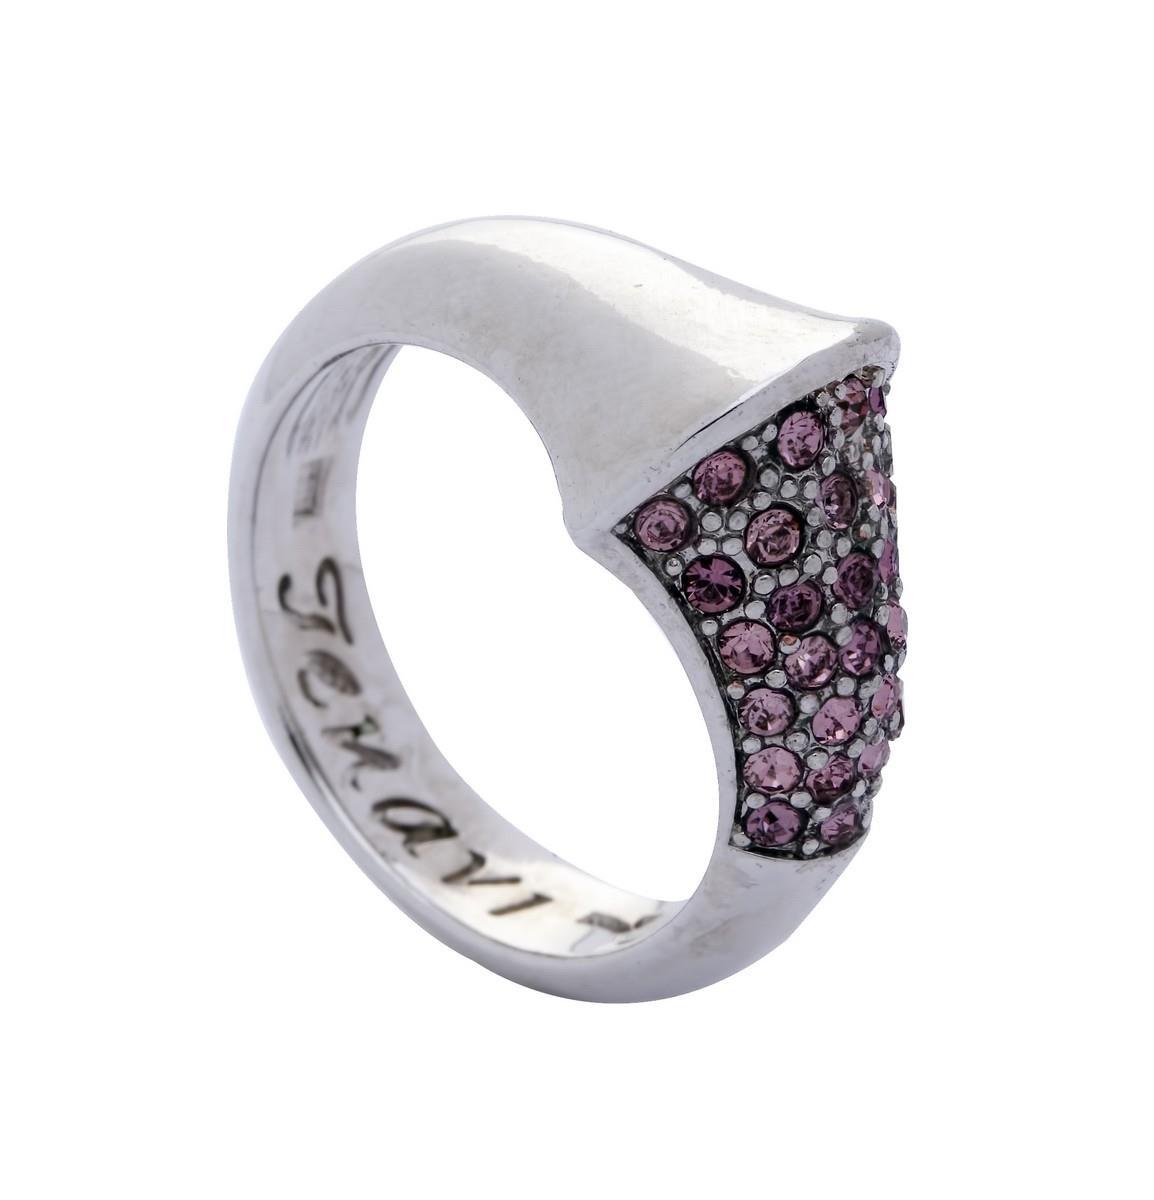 Кольцо Jenavi Коллекция Озон Танака, цвет: серебряный, розовый. j950f010. Размер 16j950f010Коллекция Озон, Танака (Кольцо) гипоаллергенный ювелирный сплав,Серебрение c род. , вставка Кристаллы Swarovski , цвет - серебряный, розовый, размер - 16 избегать взаимодействия с водой и химическими средствами